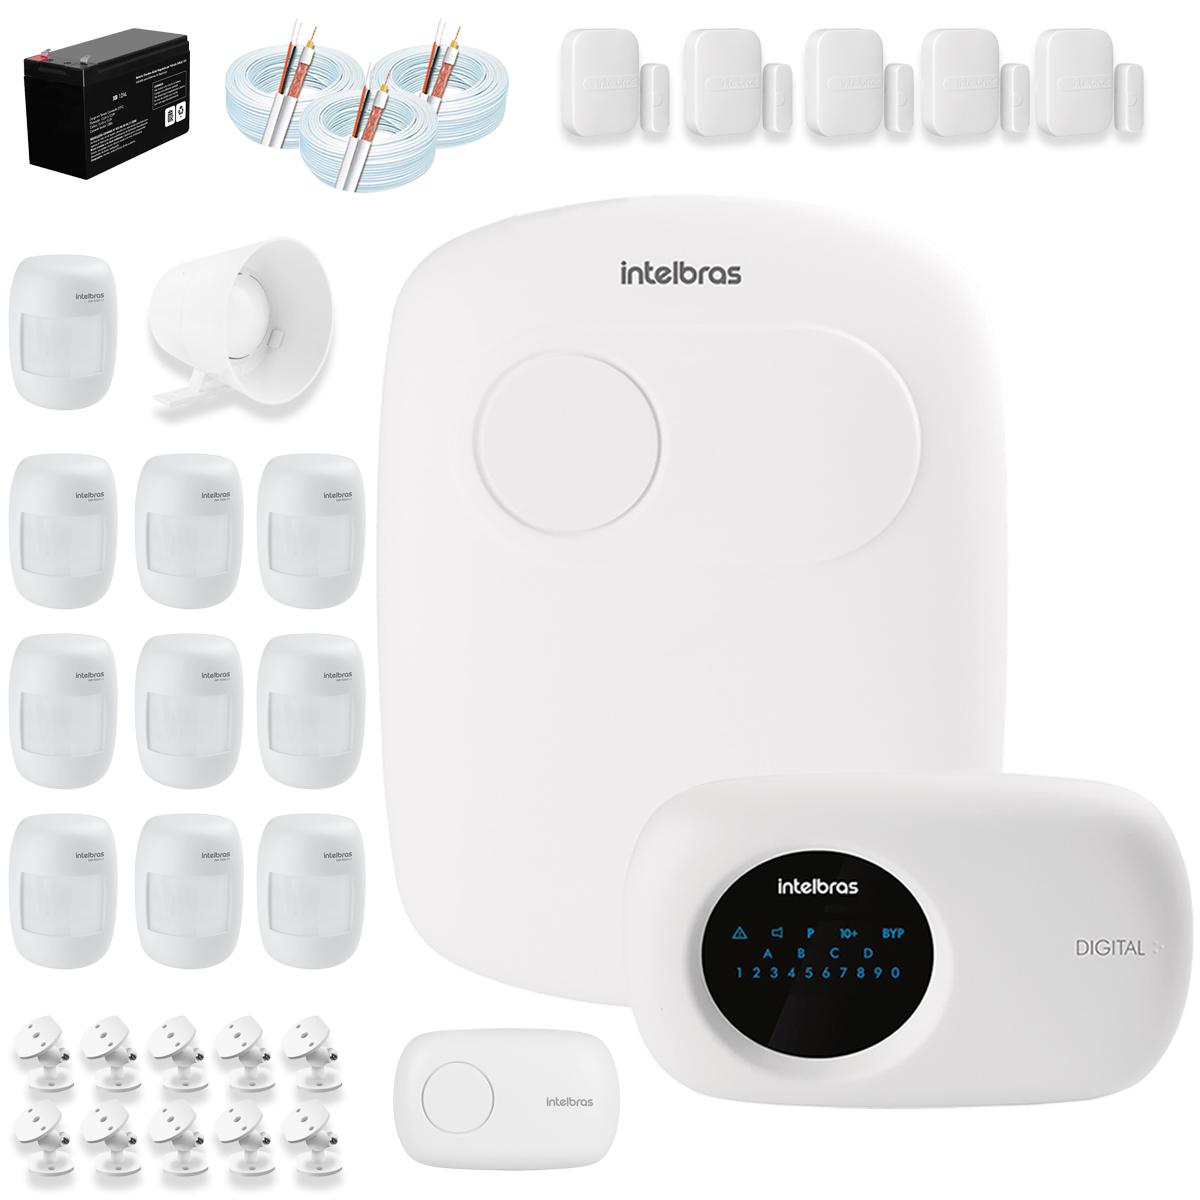 kit-de-alarme-intelbras-amt-2018-e-com-04-sensores-com-monitoramento-por-aplicativo-via-internet-sem-fio